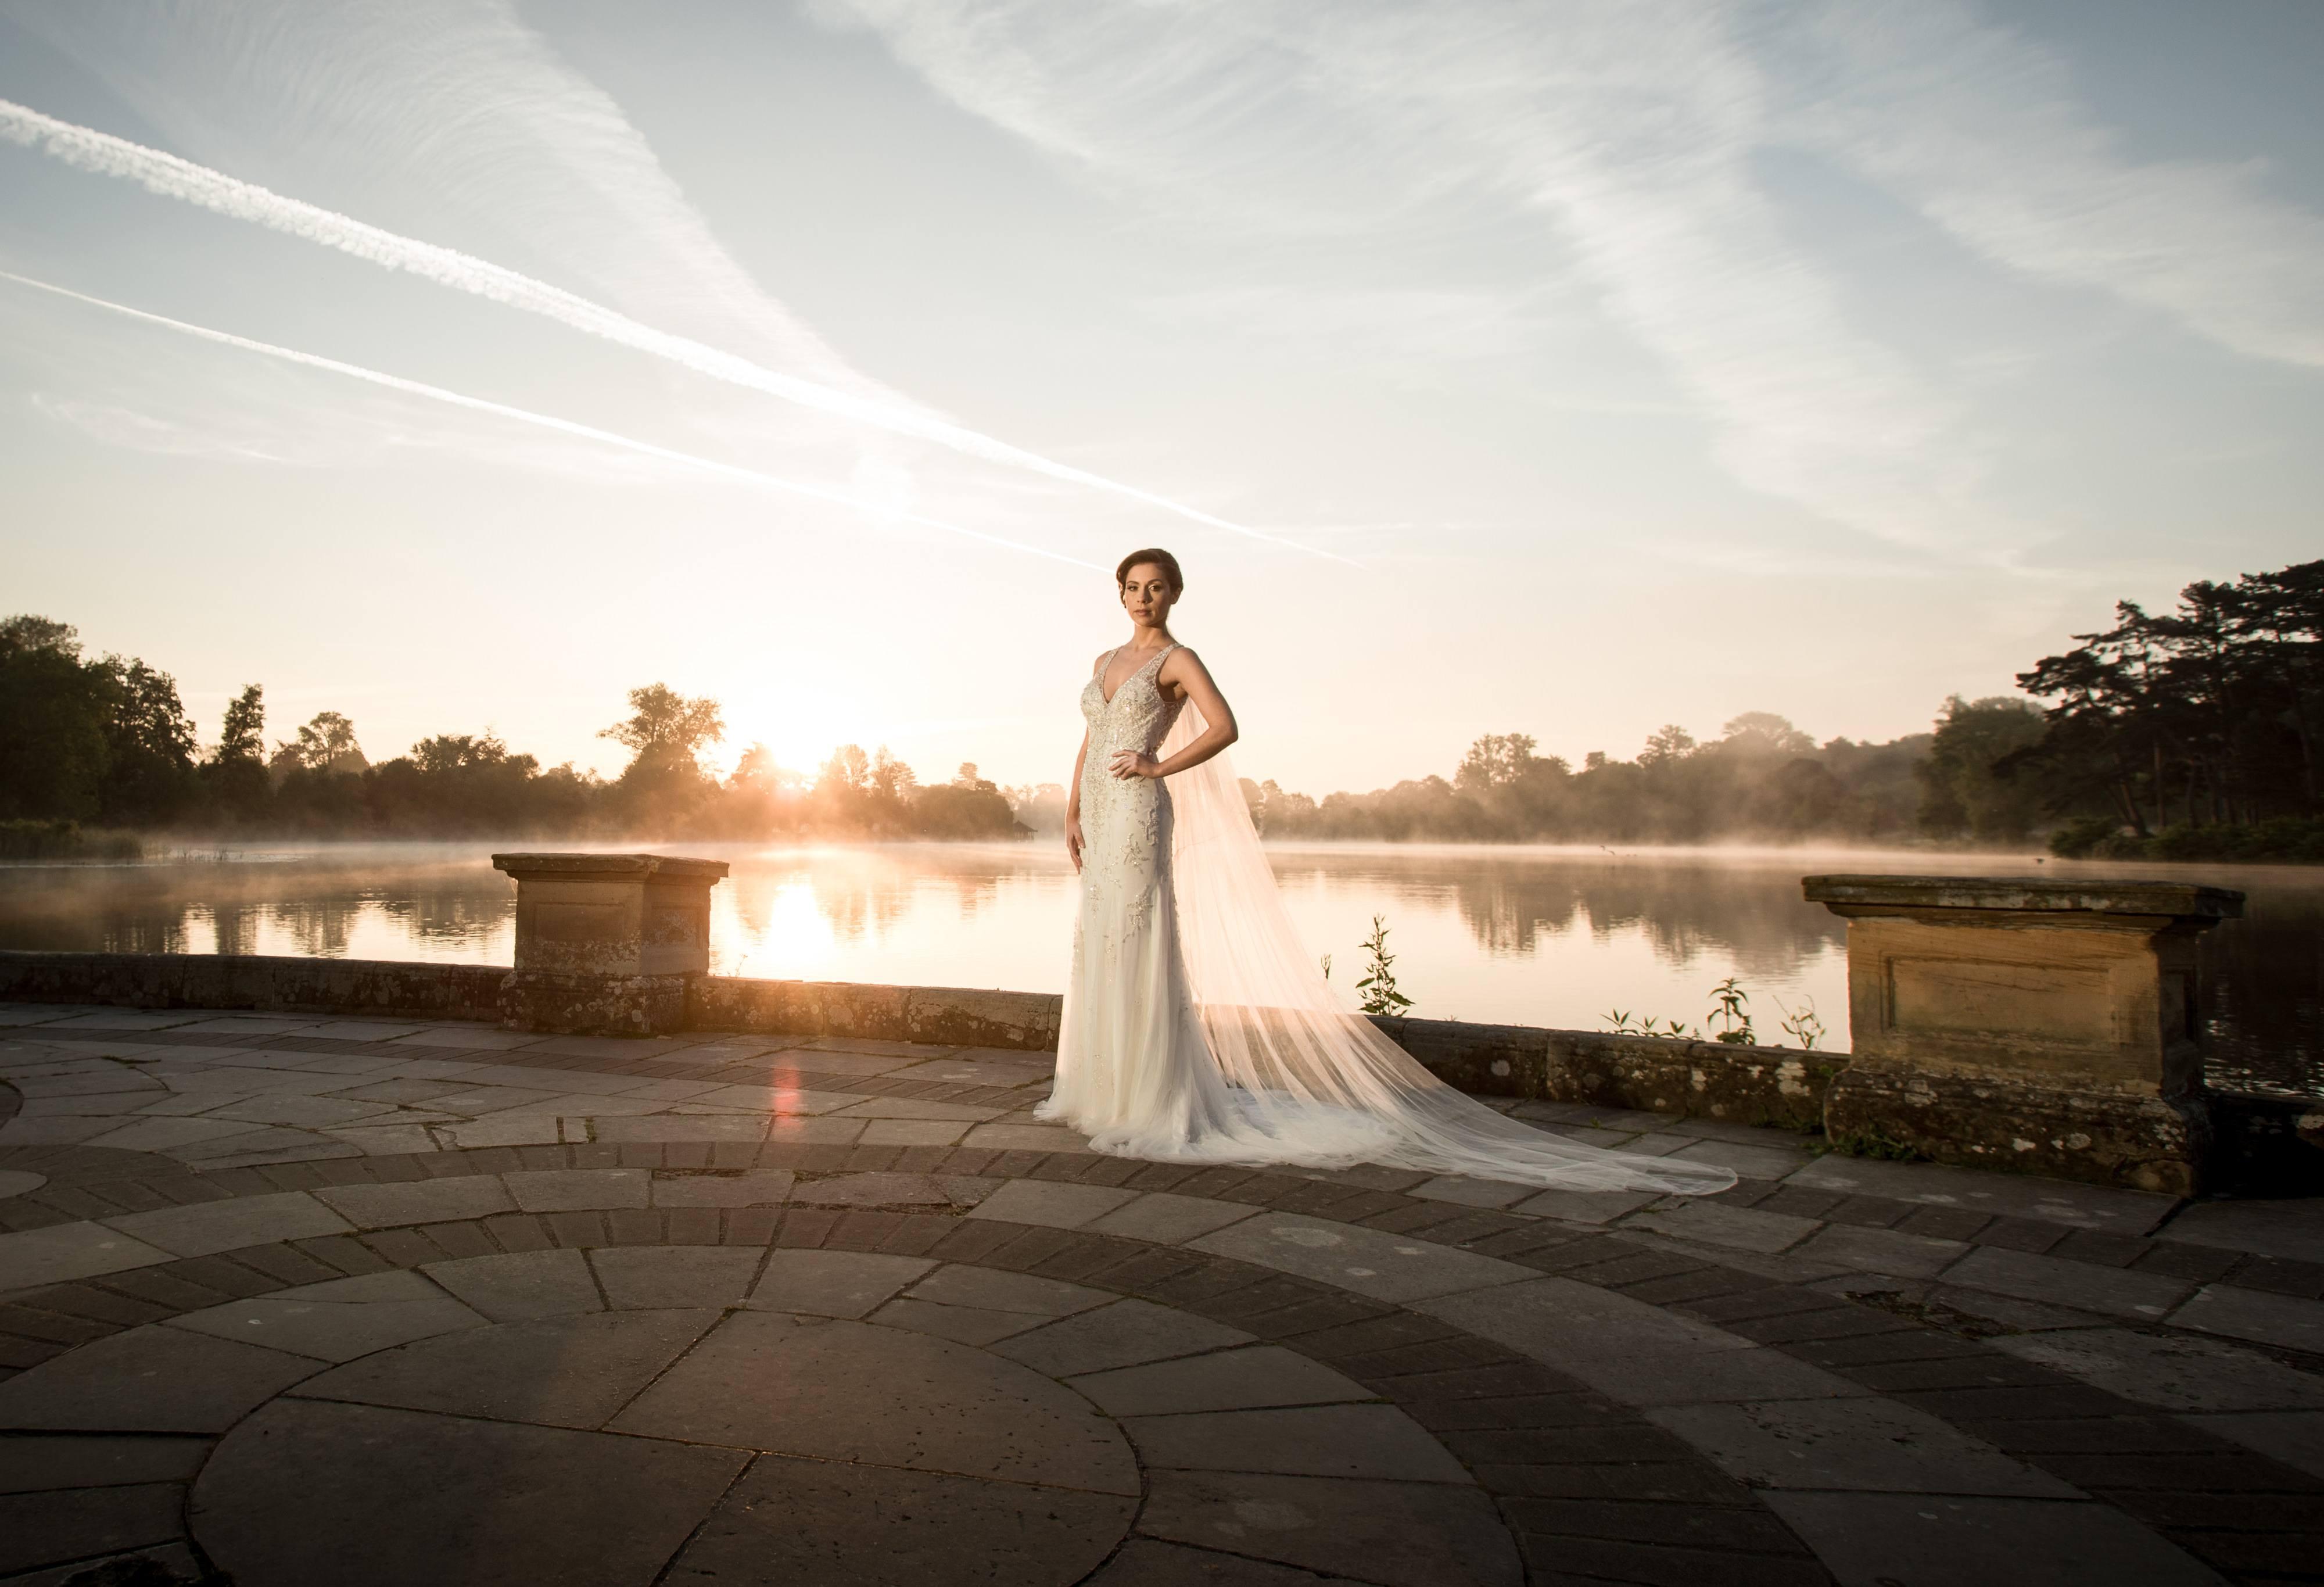 Royal Wedding Venues in Kent